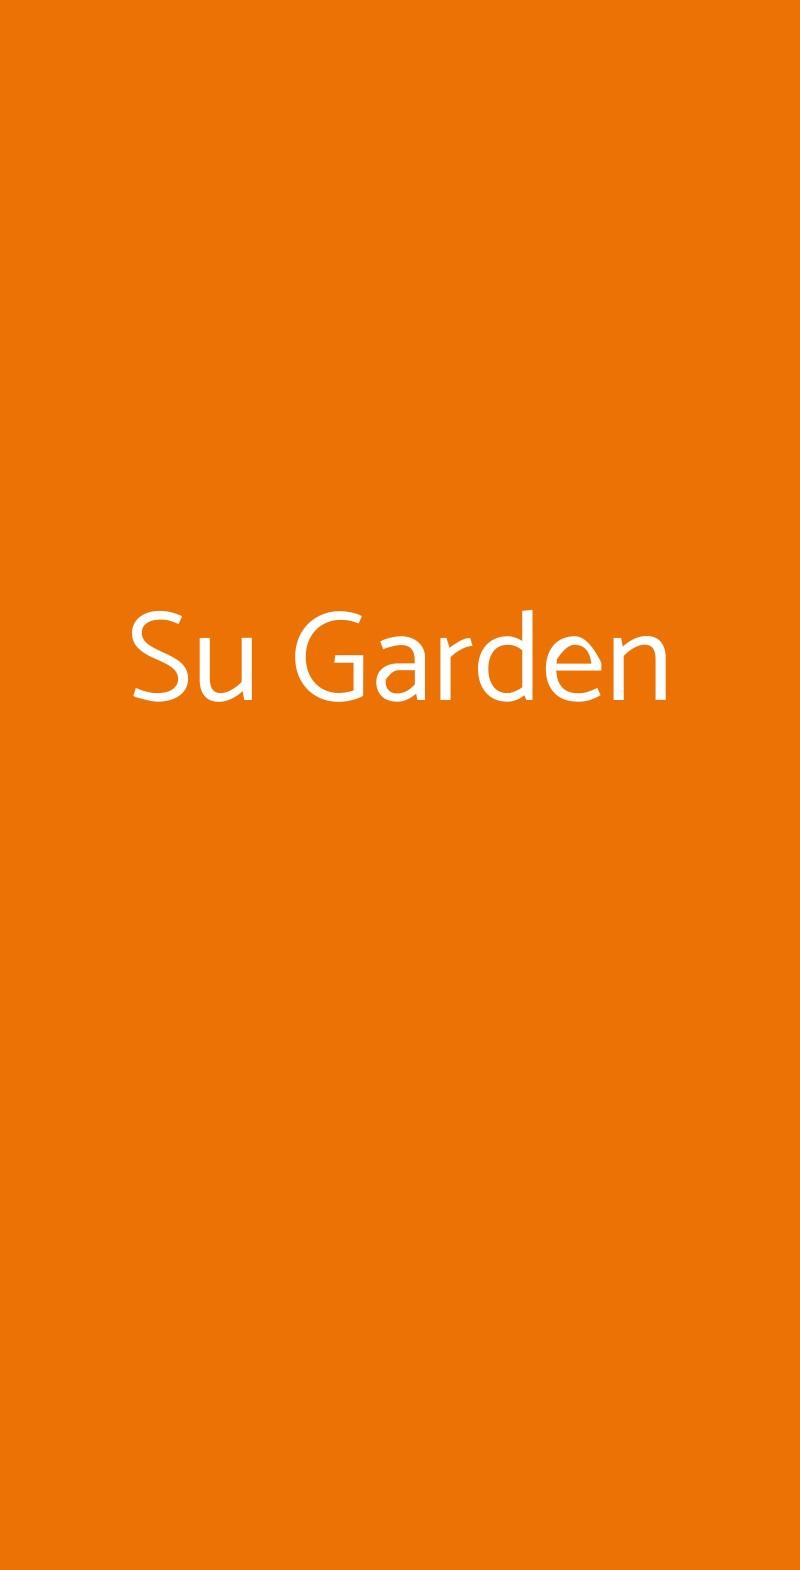 Su Garden Milano menù 1 pagina